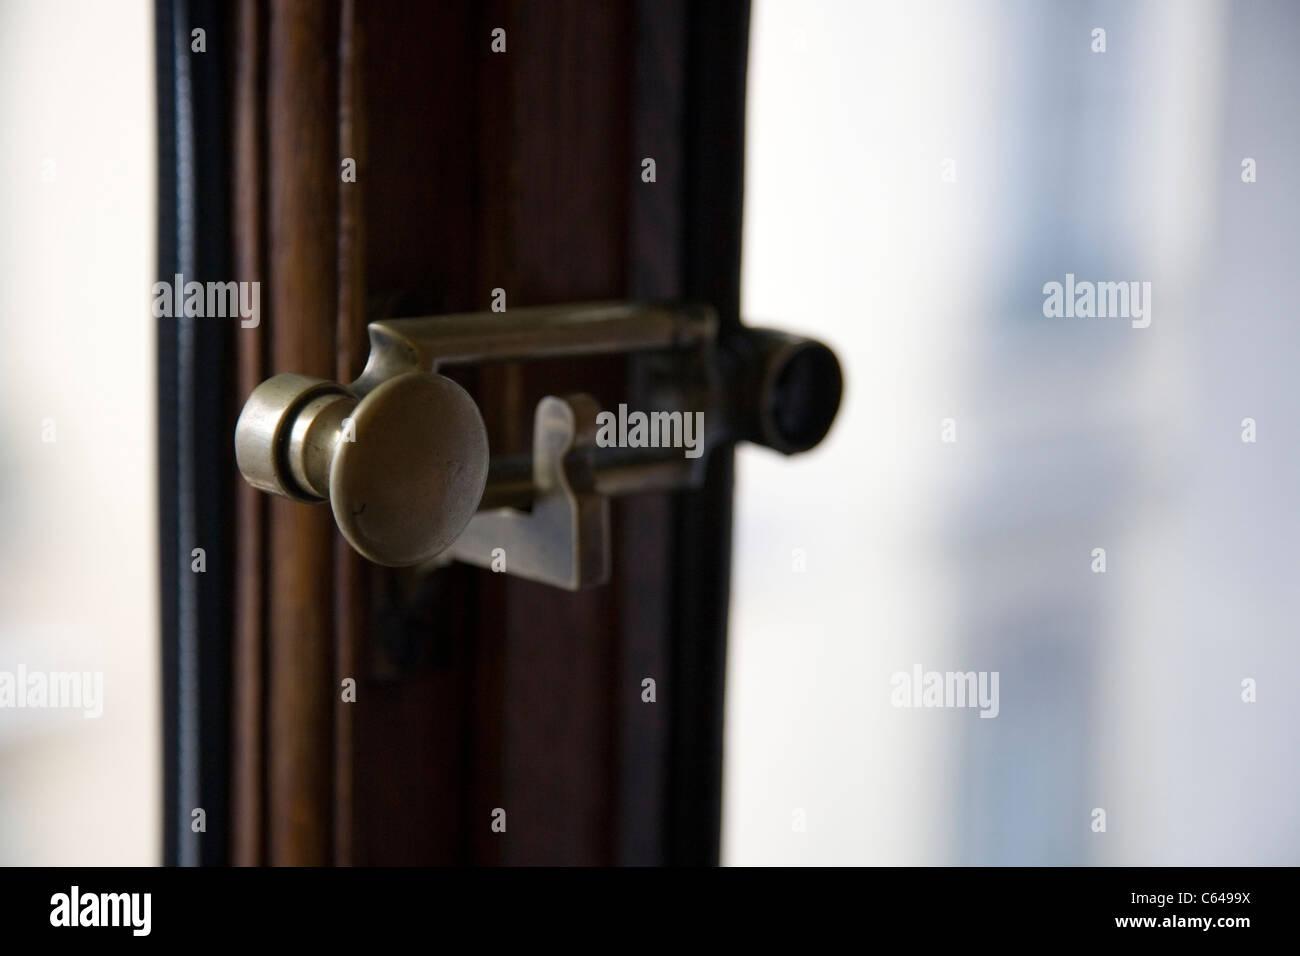 Beliebt Alte Messing-Fenster-Verriegelung Stockfoto, Bild: 38203814 - Alamy JY45